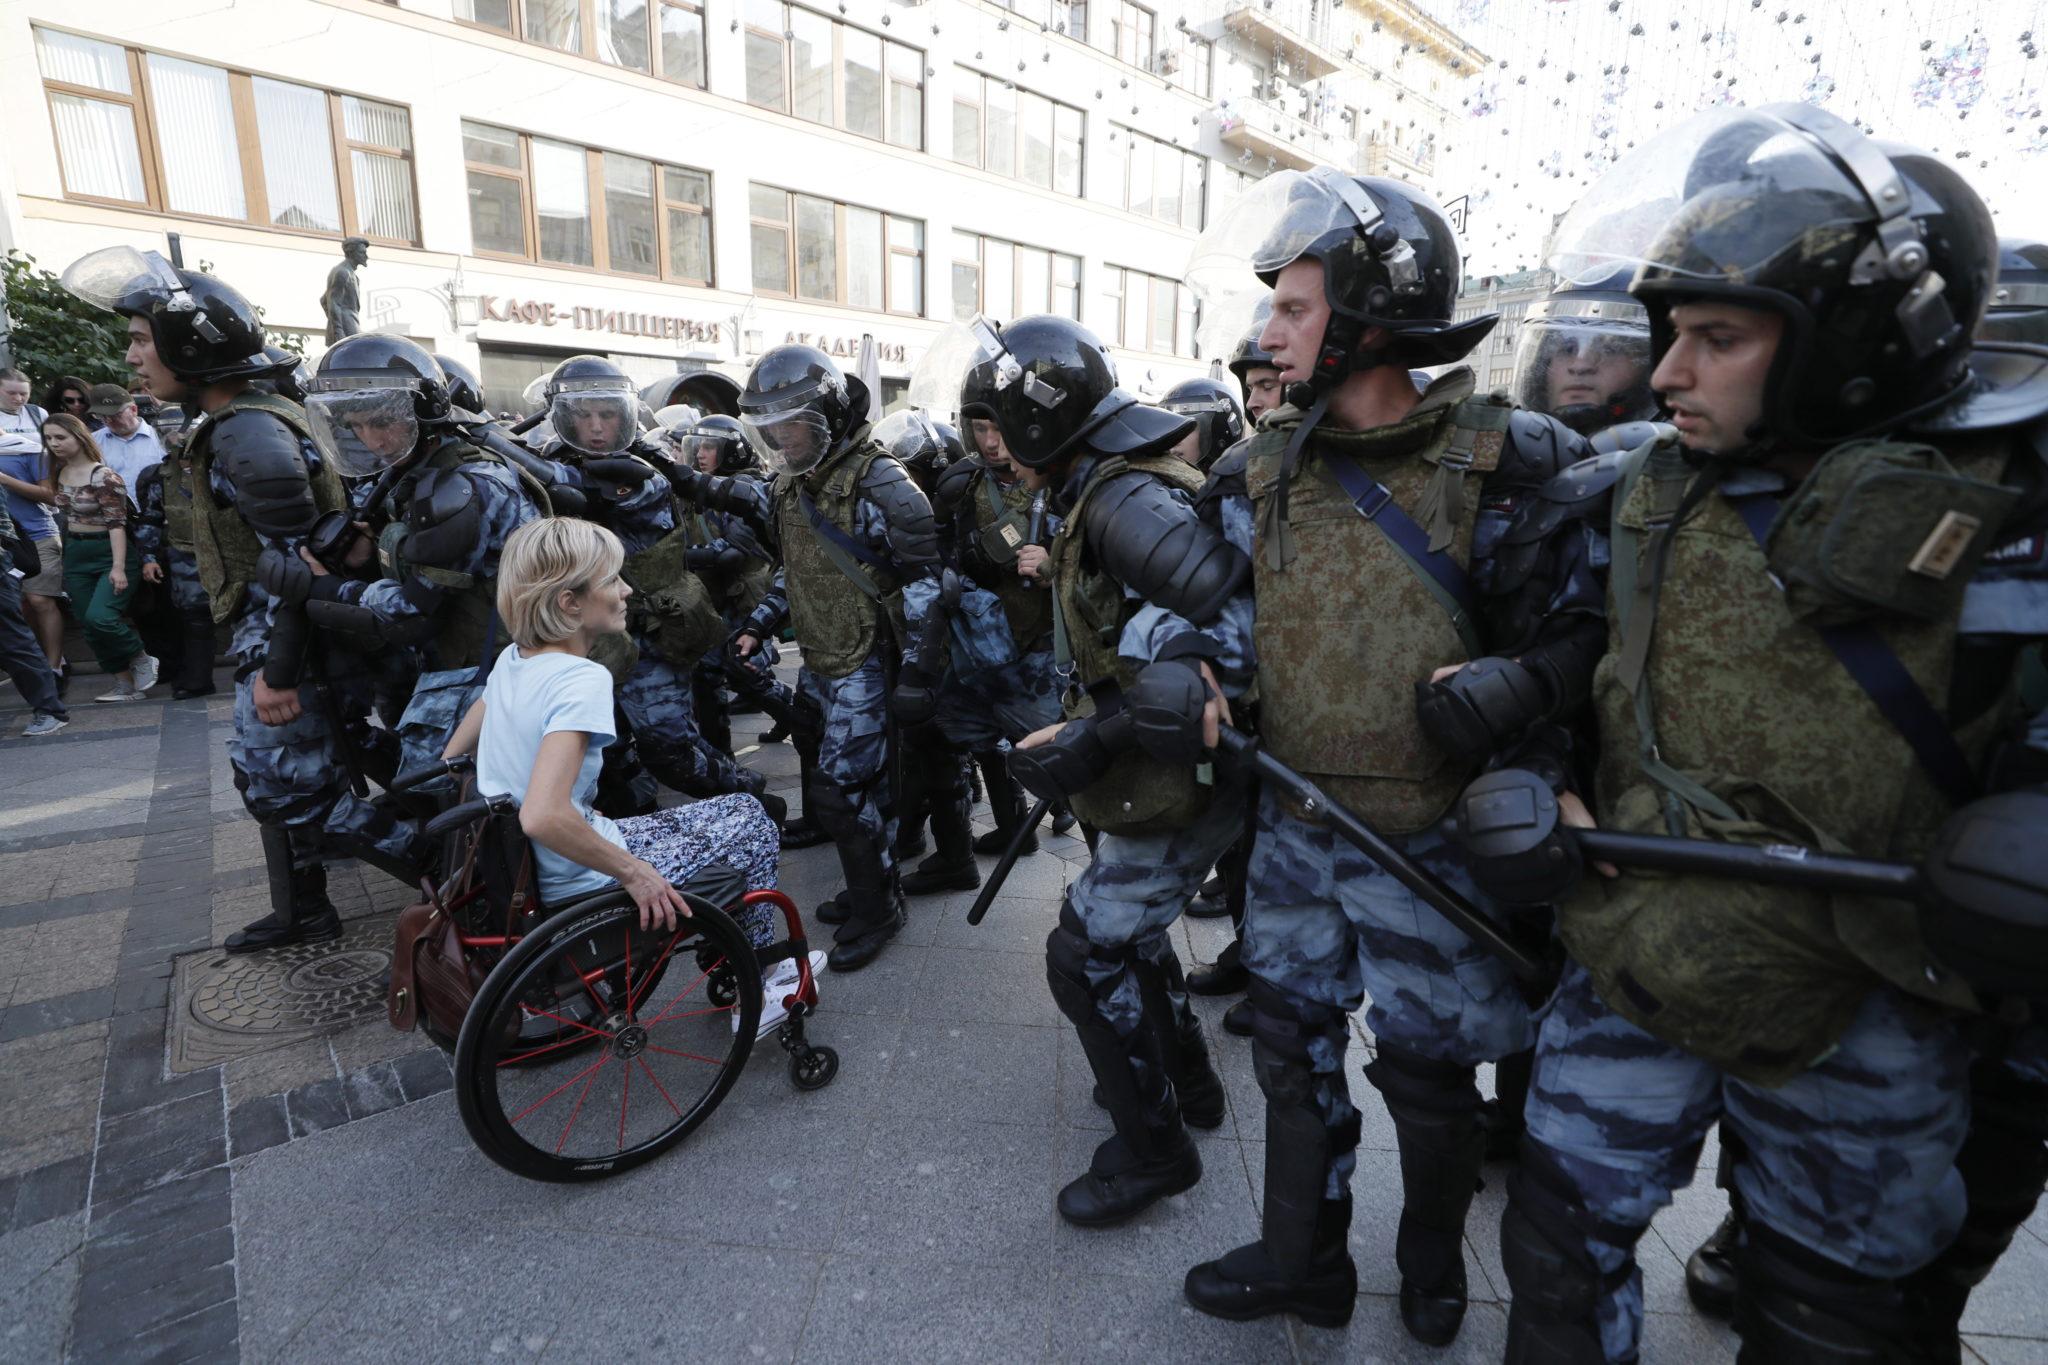 Prawie tysiąc osób zatrzymała w sobotę policja w Moskwie przed i podczas protestu przeciwko niezarejestrowaniu opozycyjnych kandydatów w wyborach do władz stolicy. Według władz demonstracja była nielegalna, fot. TATYANA ZENKOVICH , PAP, EPA